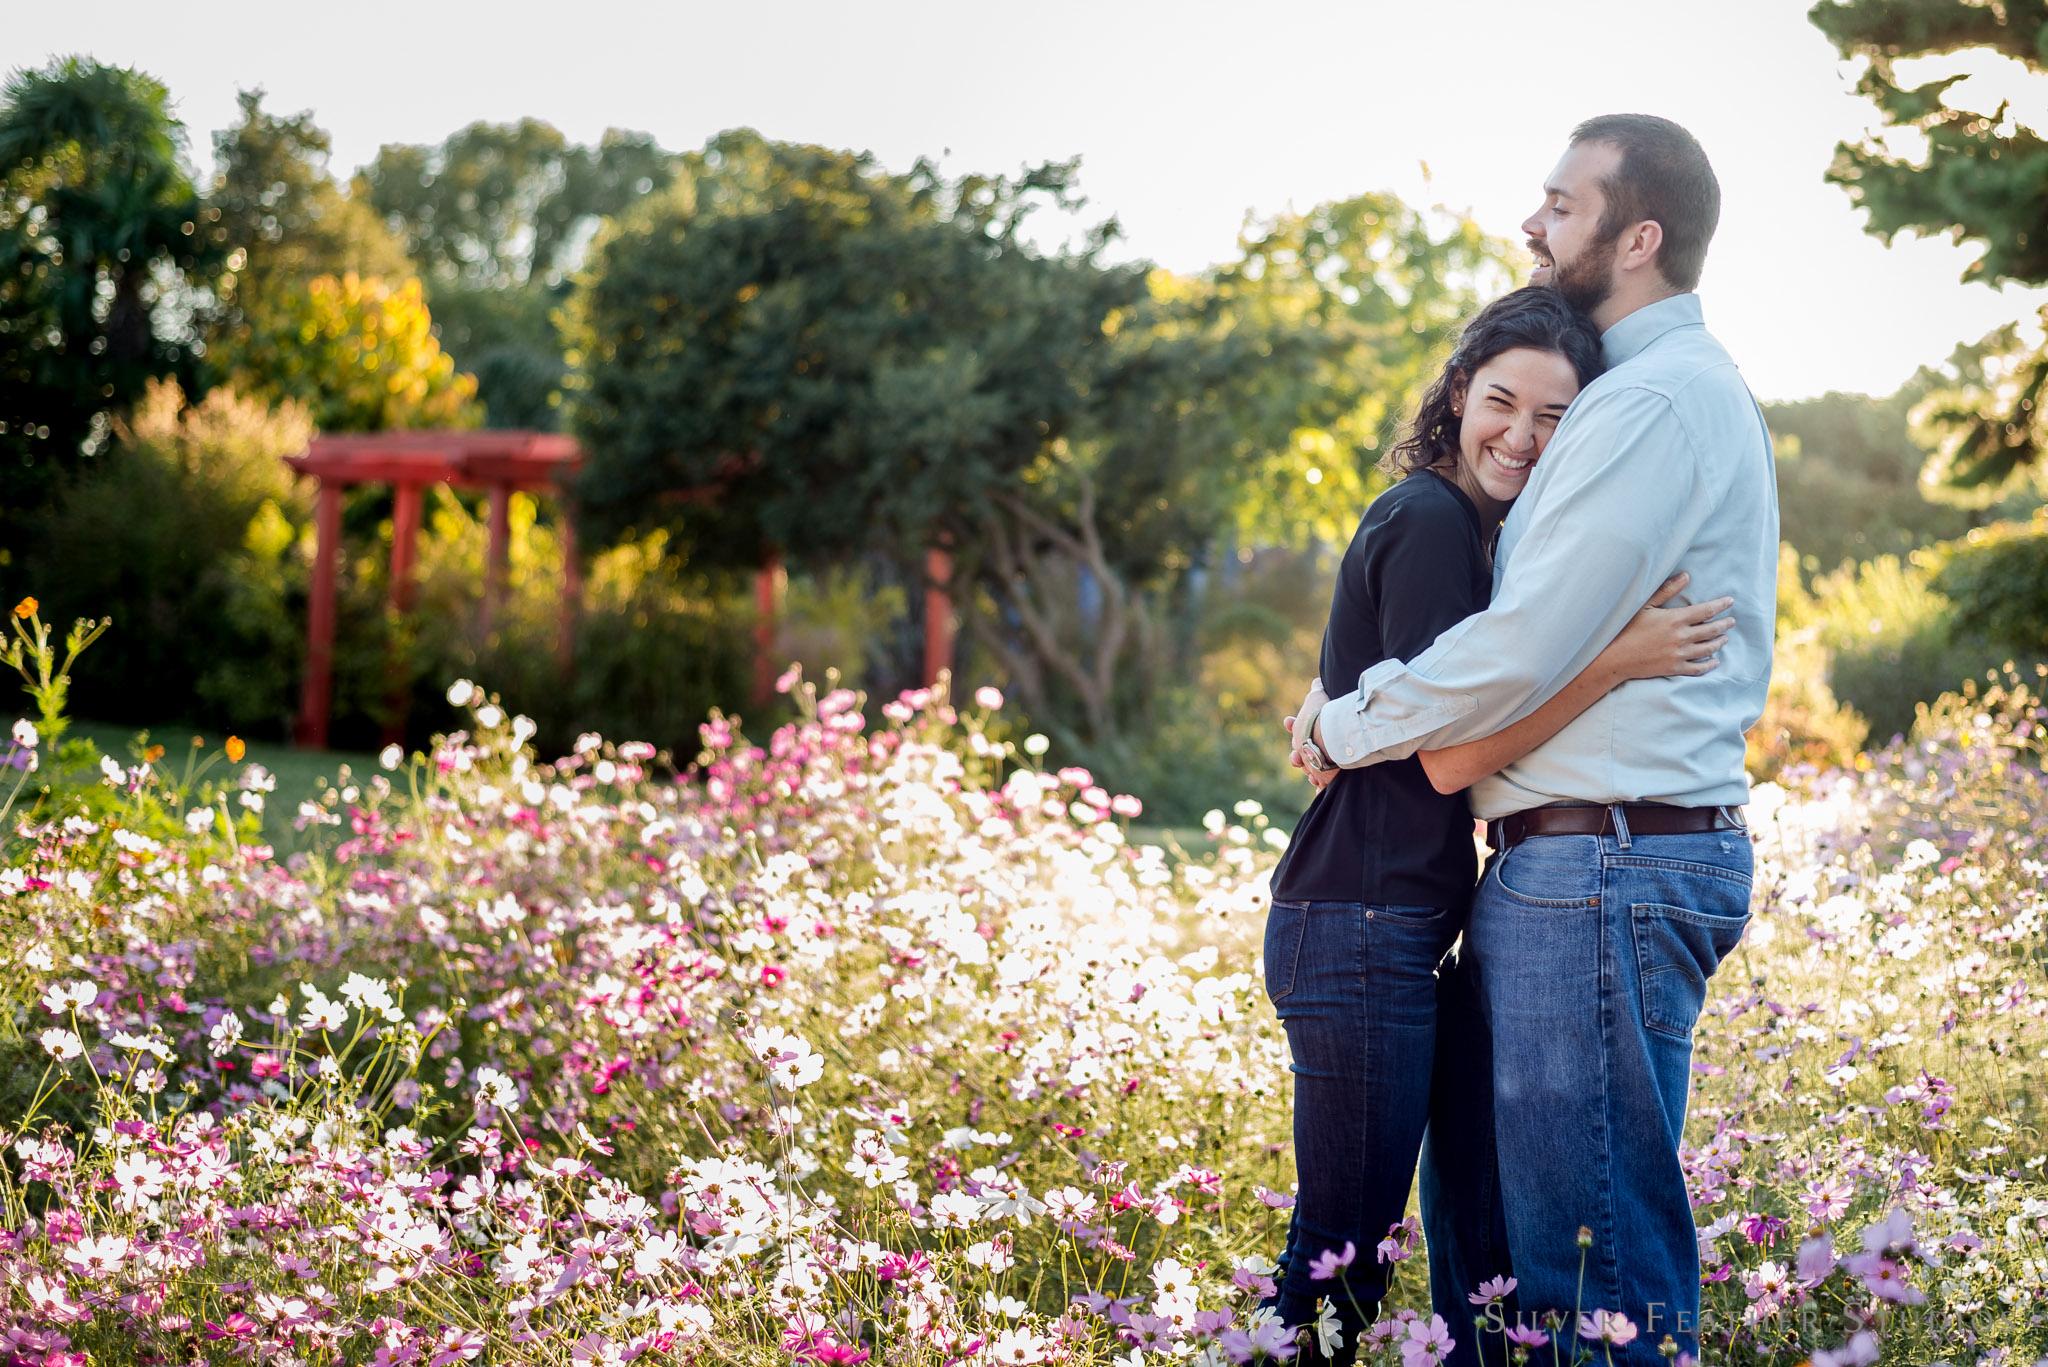 jc-raulston-arboretum-engagement-005.jpg